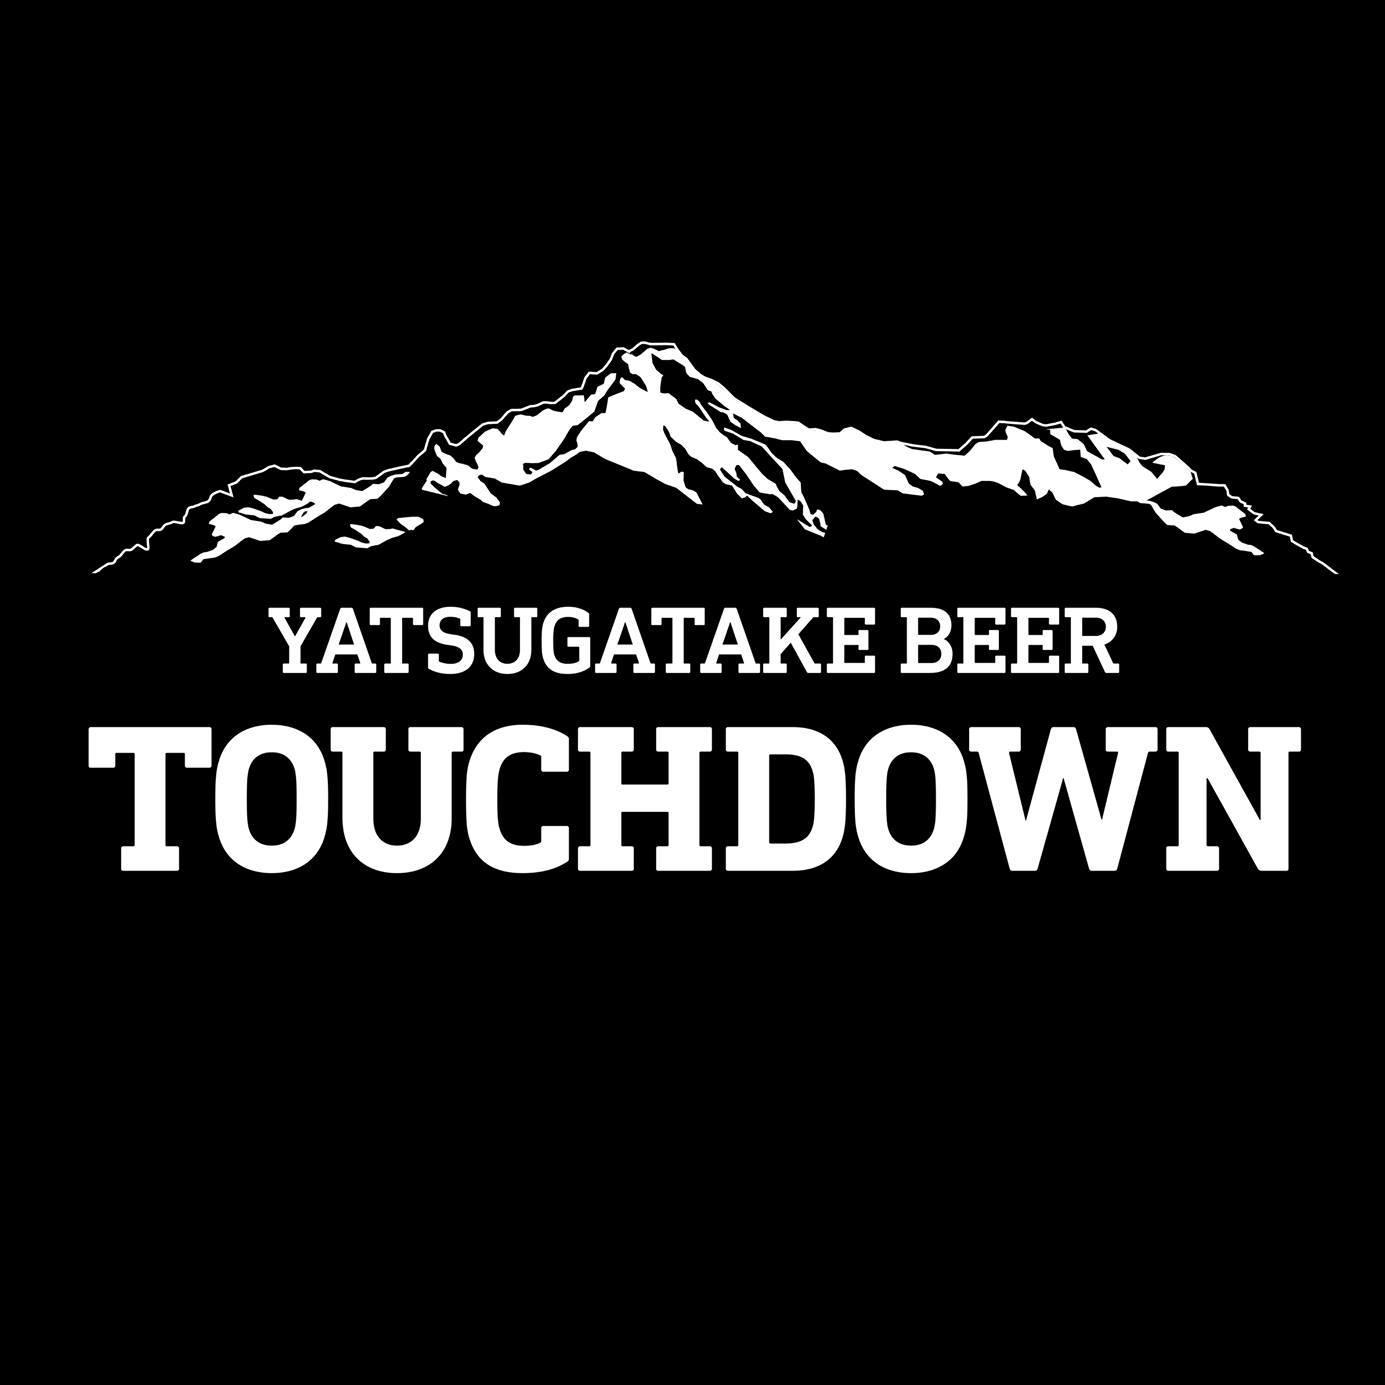 Yatsugatake Beer Touchdown Logo